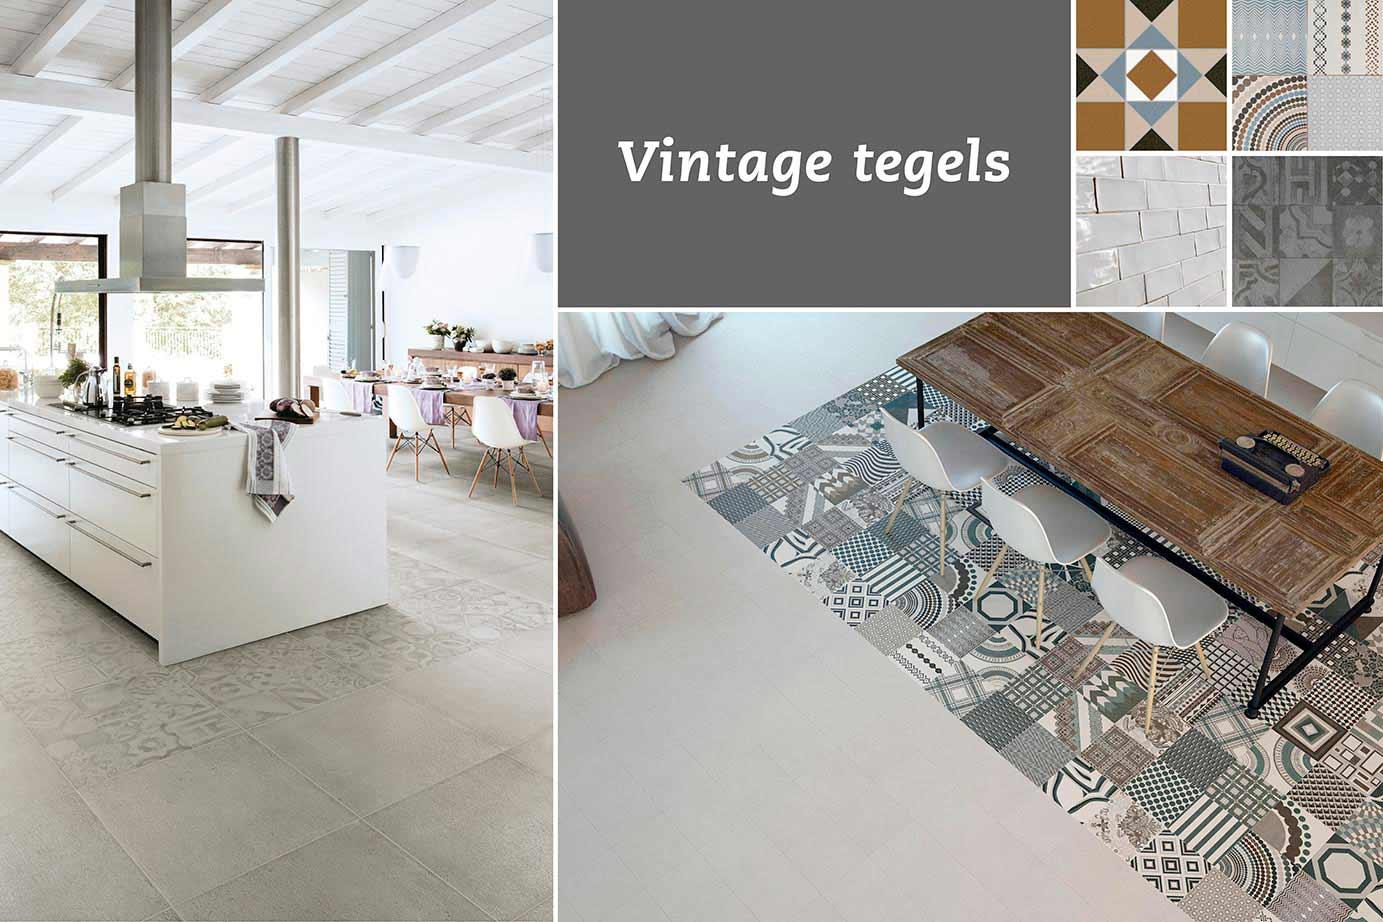 Vintage Keuken Tegels : Unieke patronen en exclusieve uitstralingen